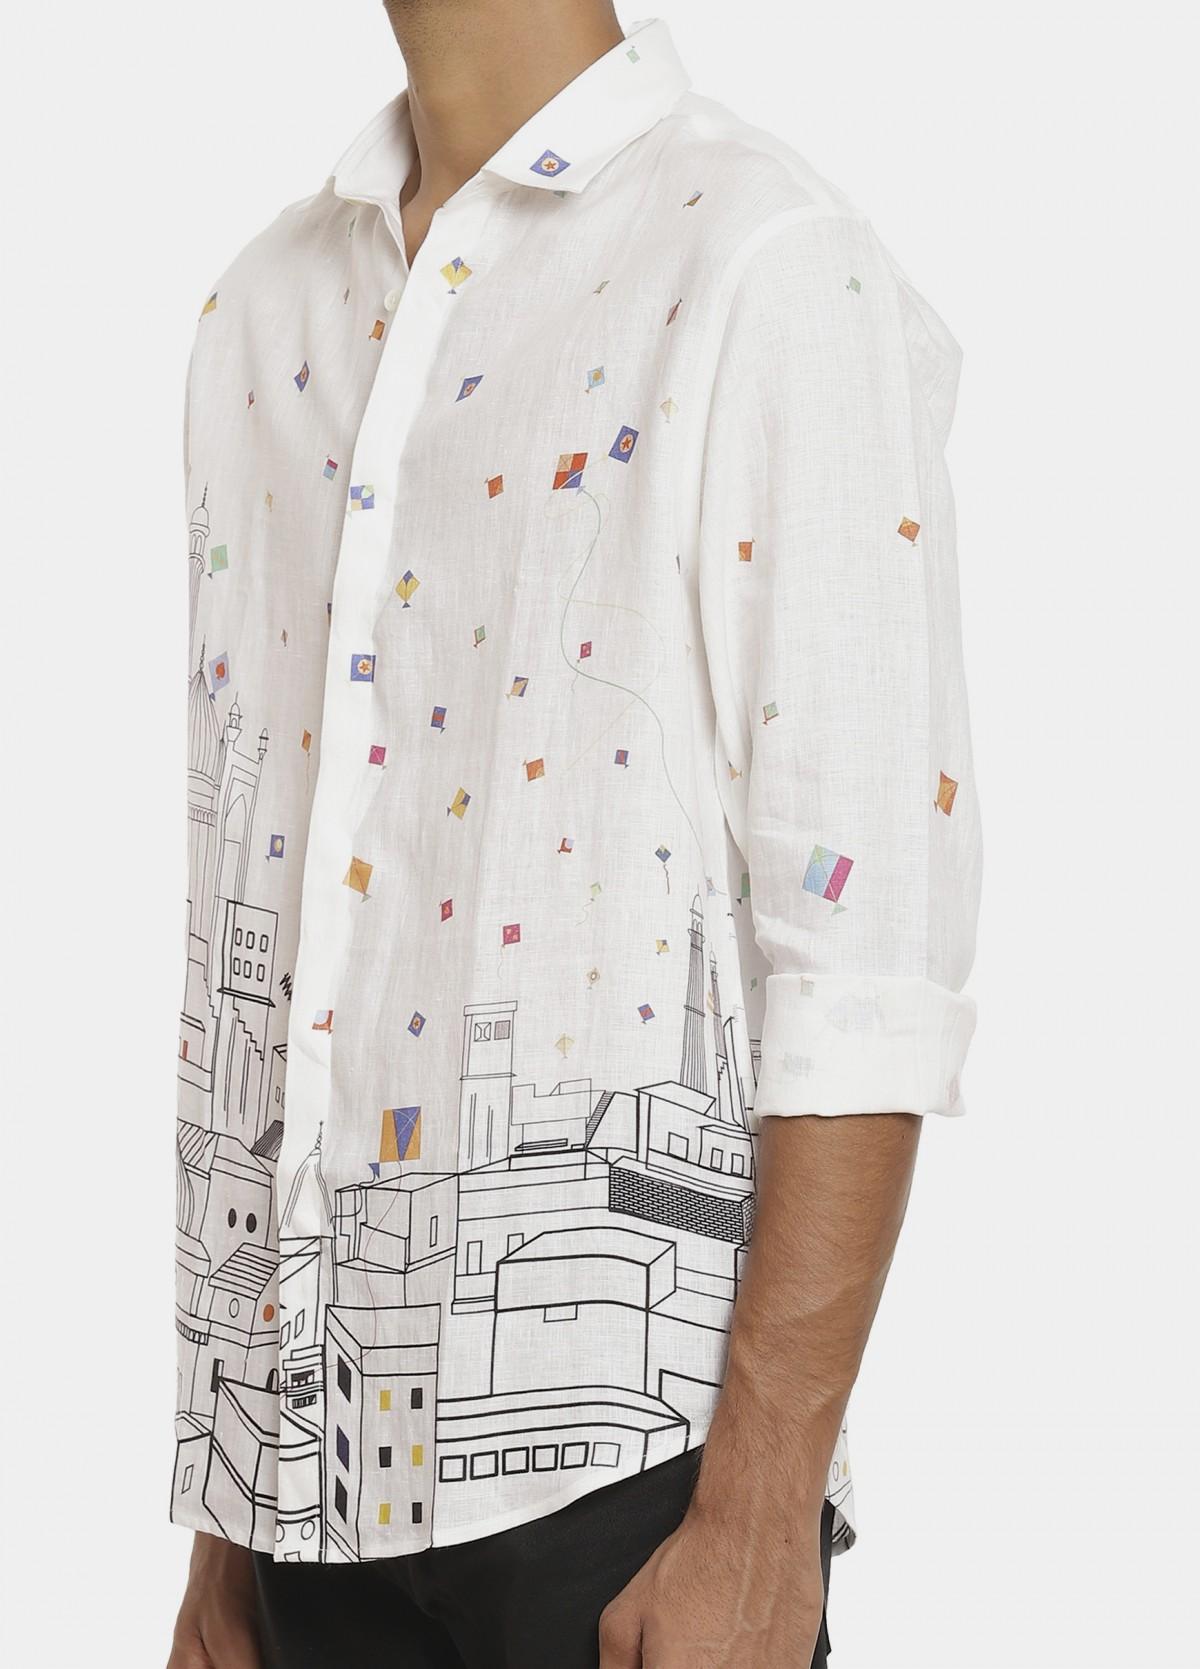 The Delhi 6 Shirt